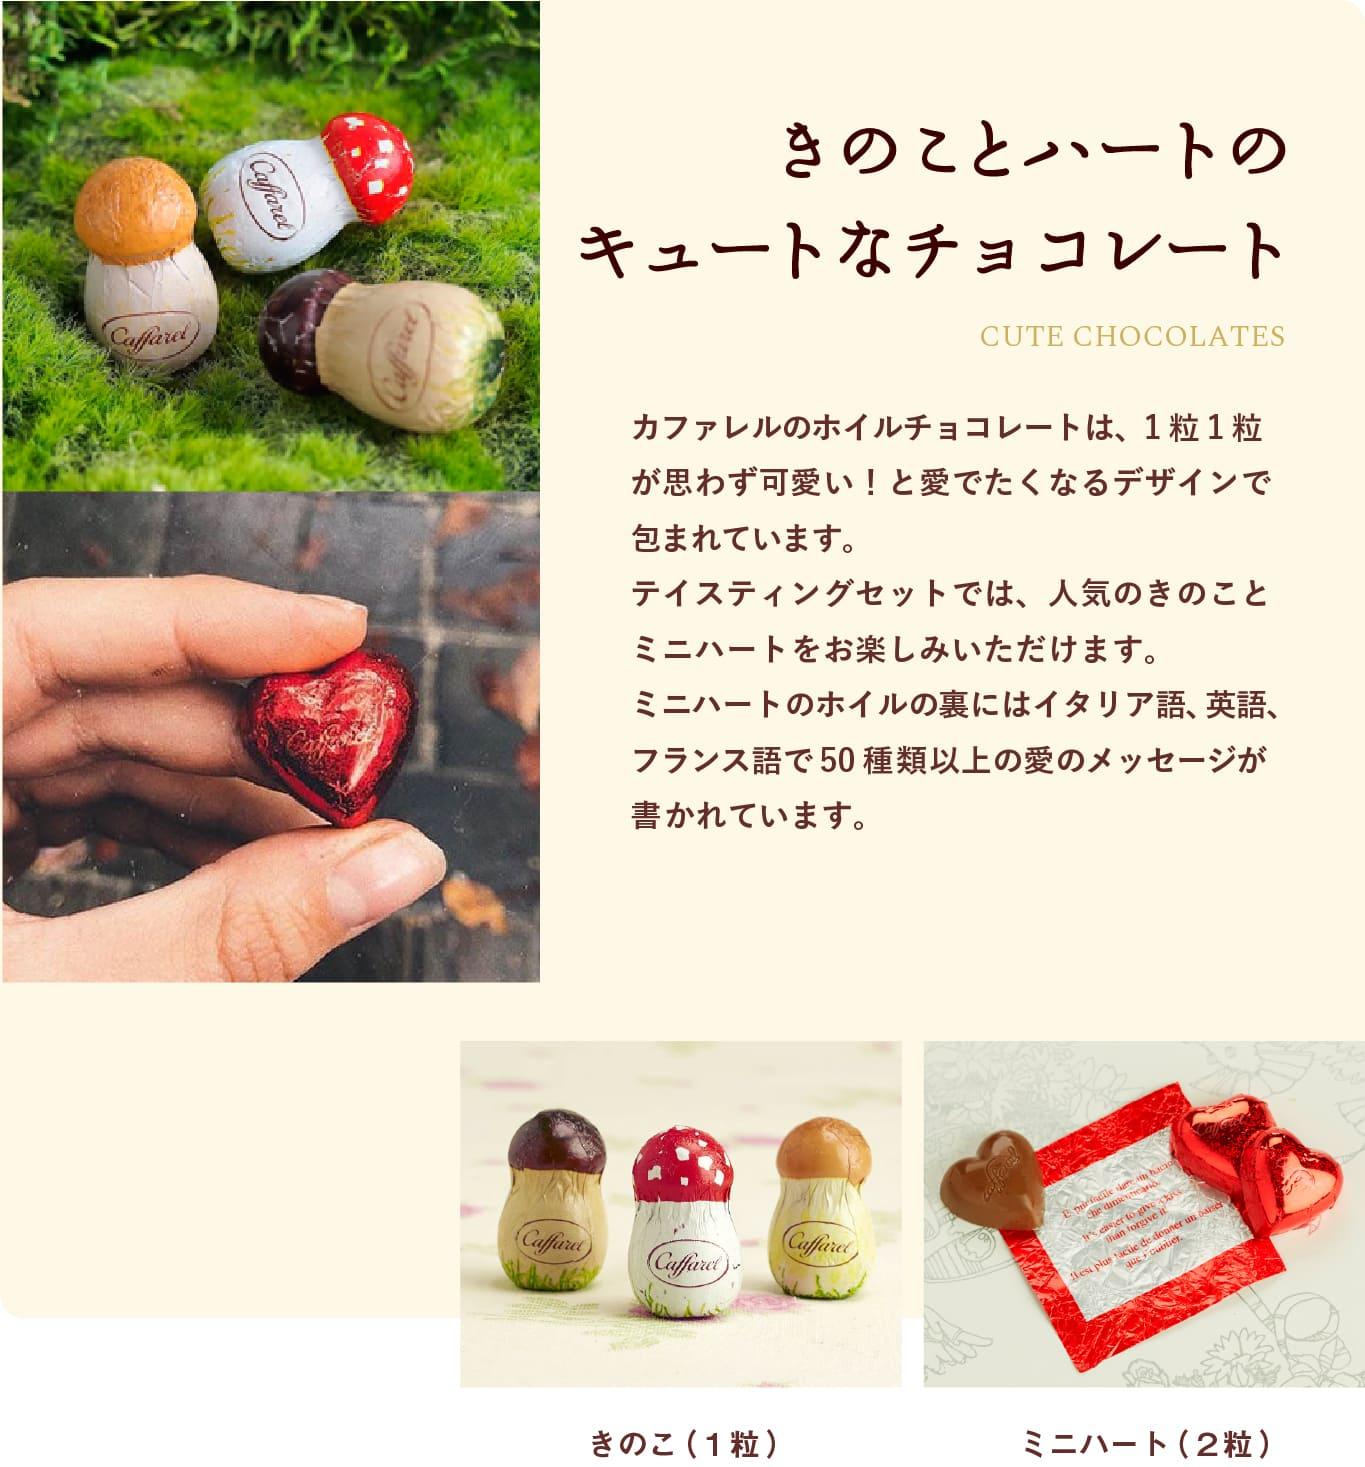 送料無料可愛いきのこのチョコレートお試しセット